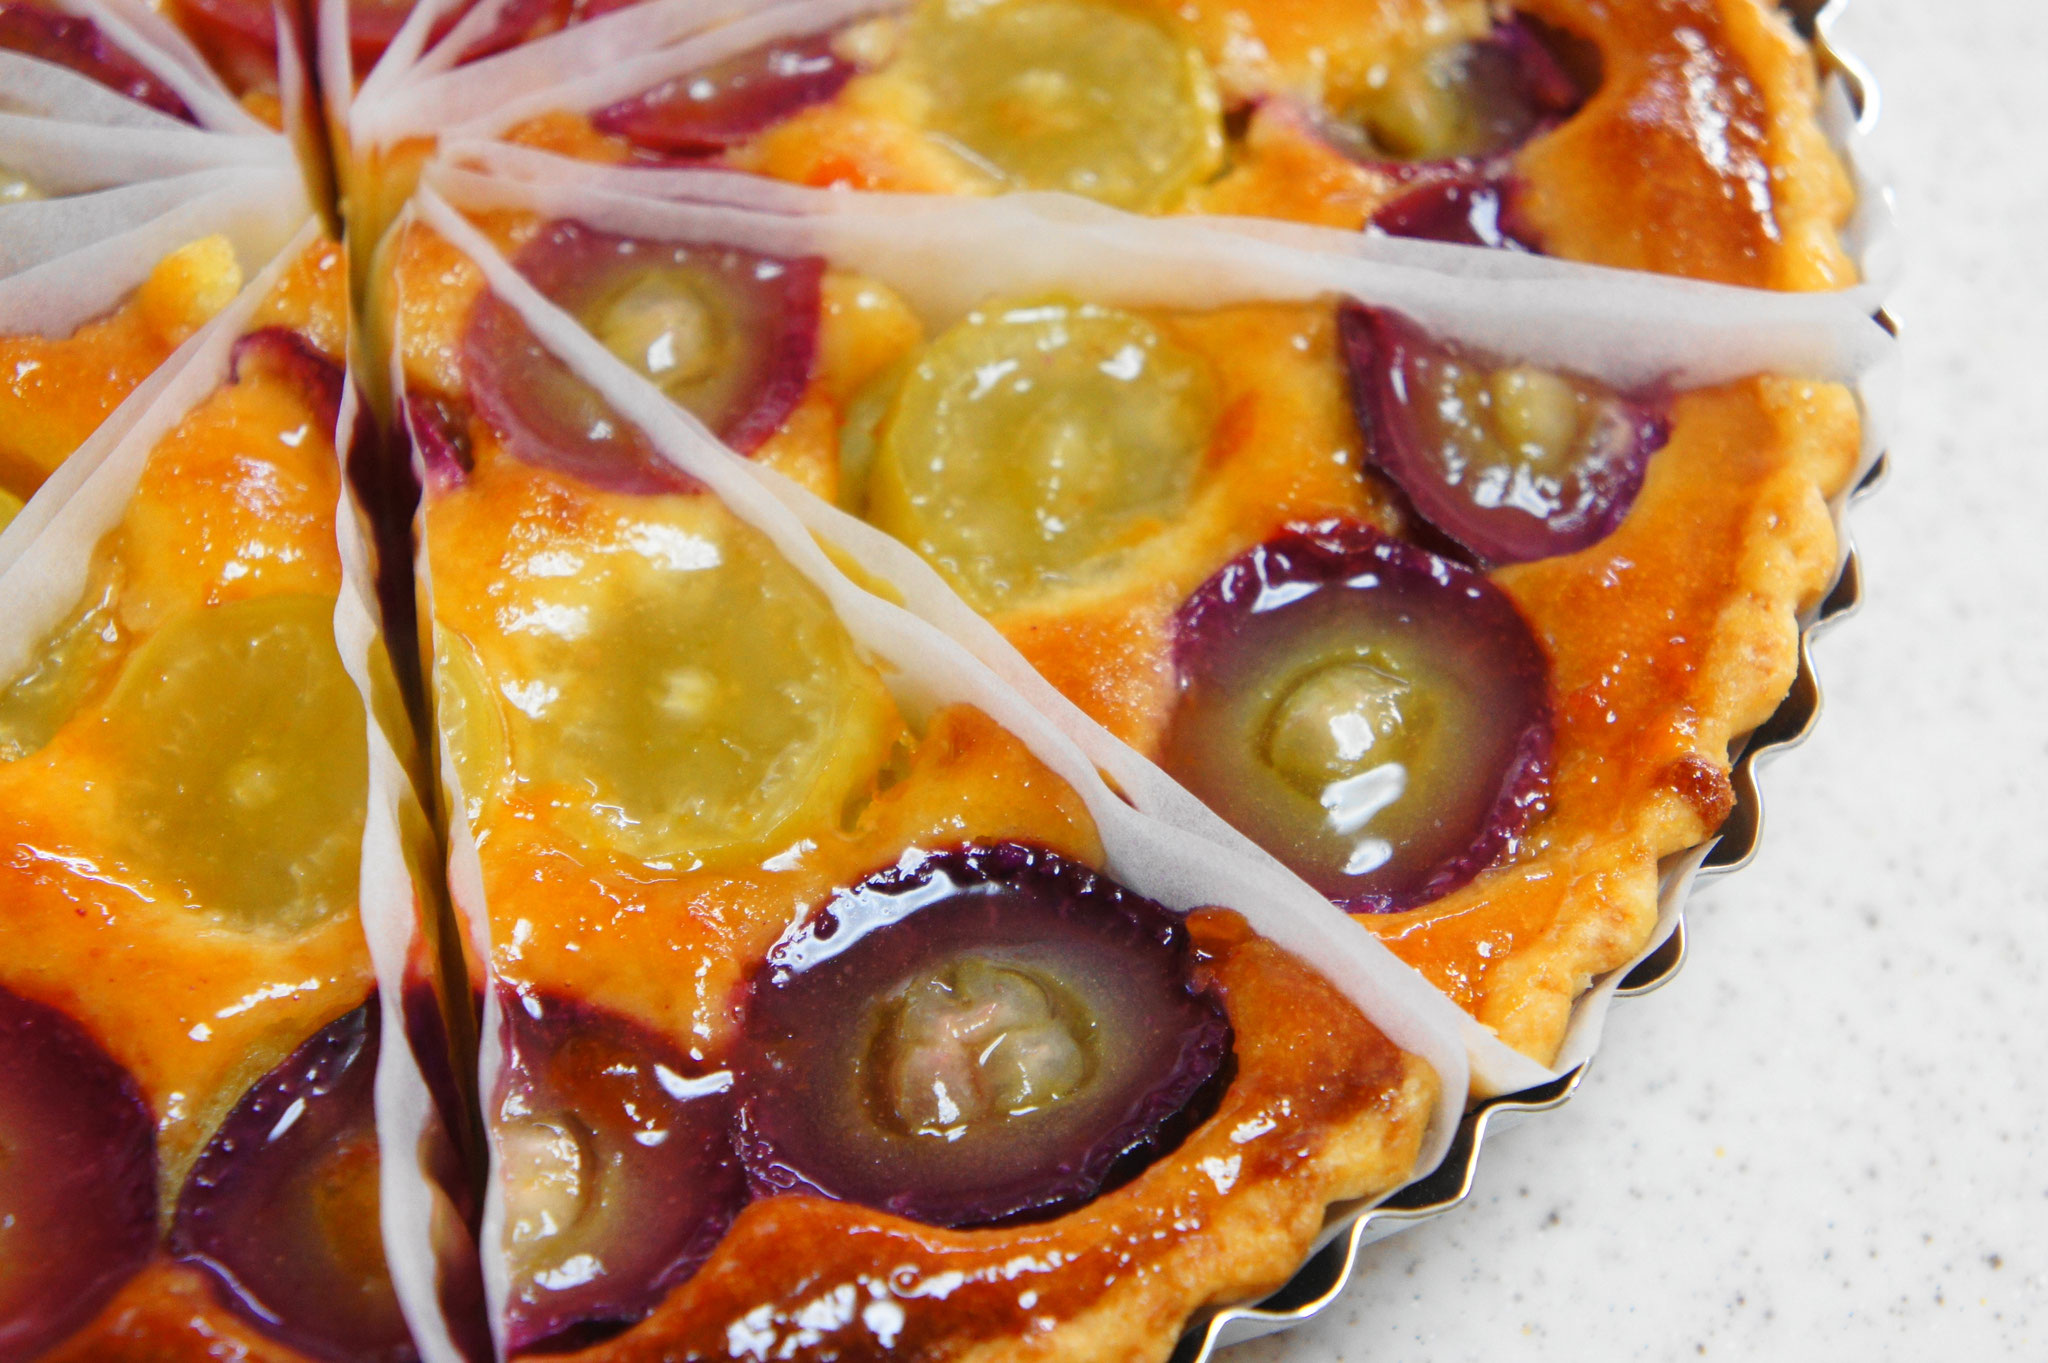 一種または数種の葡萄をアーモンドクリームに詰めて焼き上げたジューシーな「ぶどうのタルト」